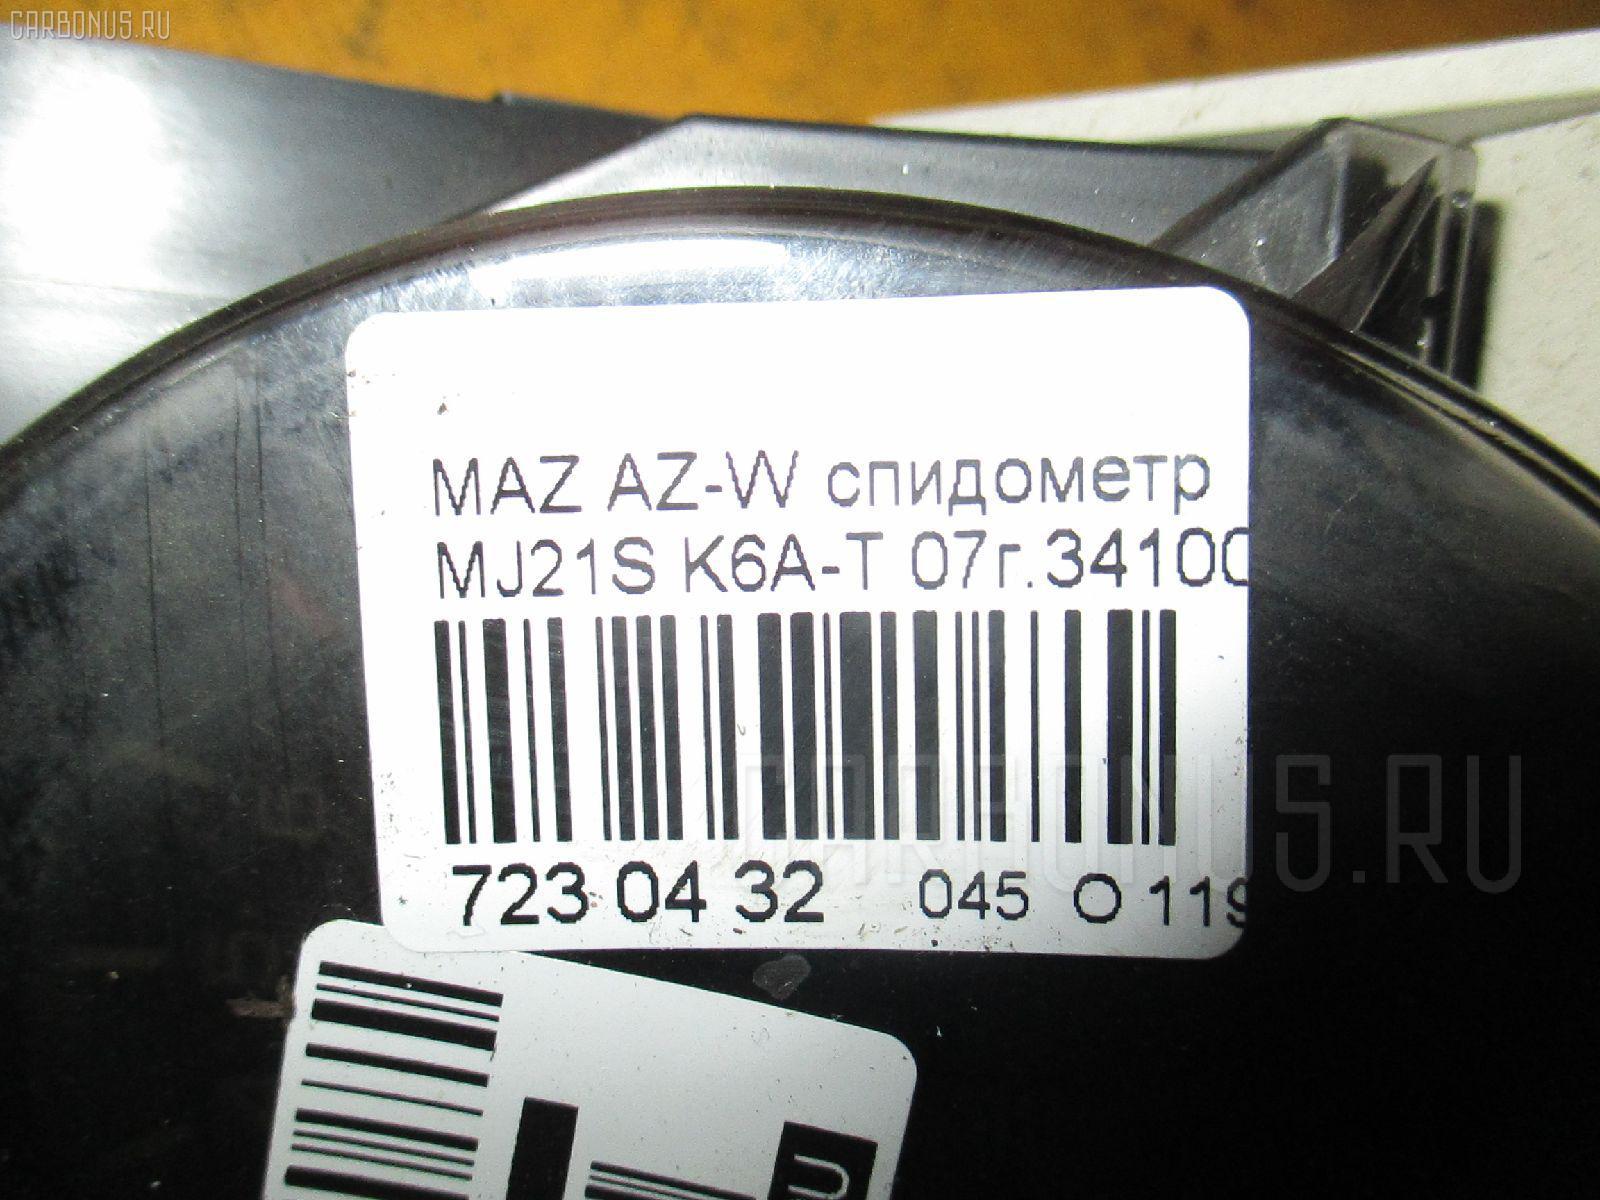 Спидометр MAZDA AZ-WAGON MJ21S K6A-T Фото 3